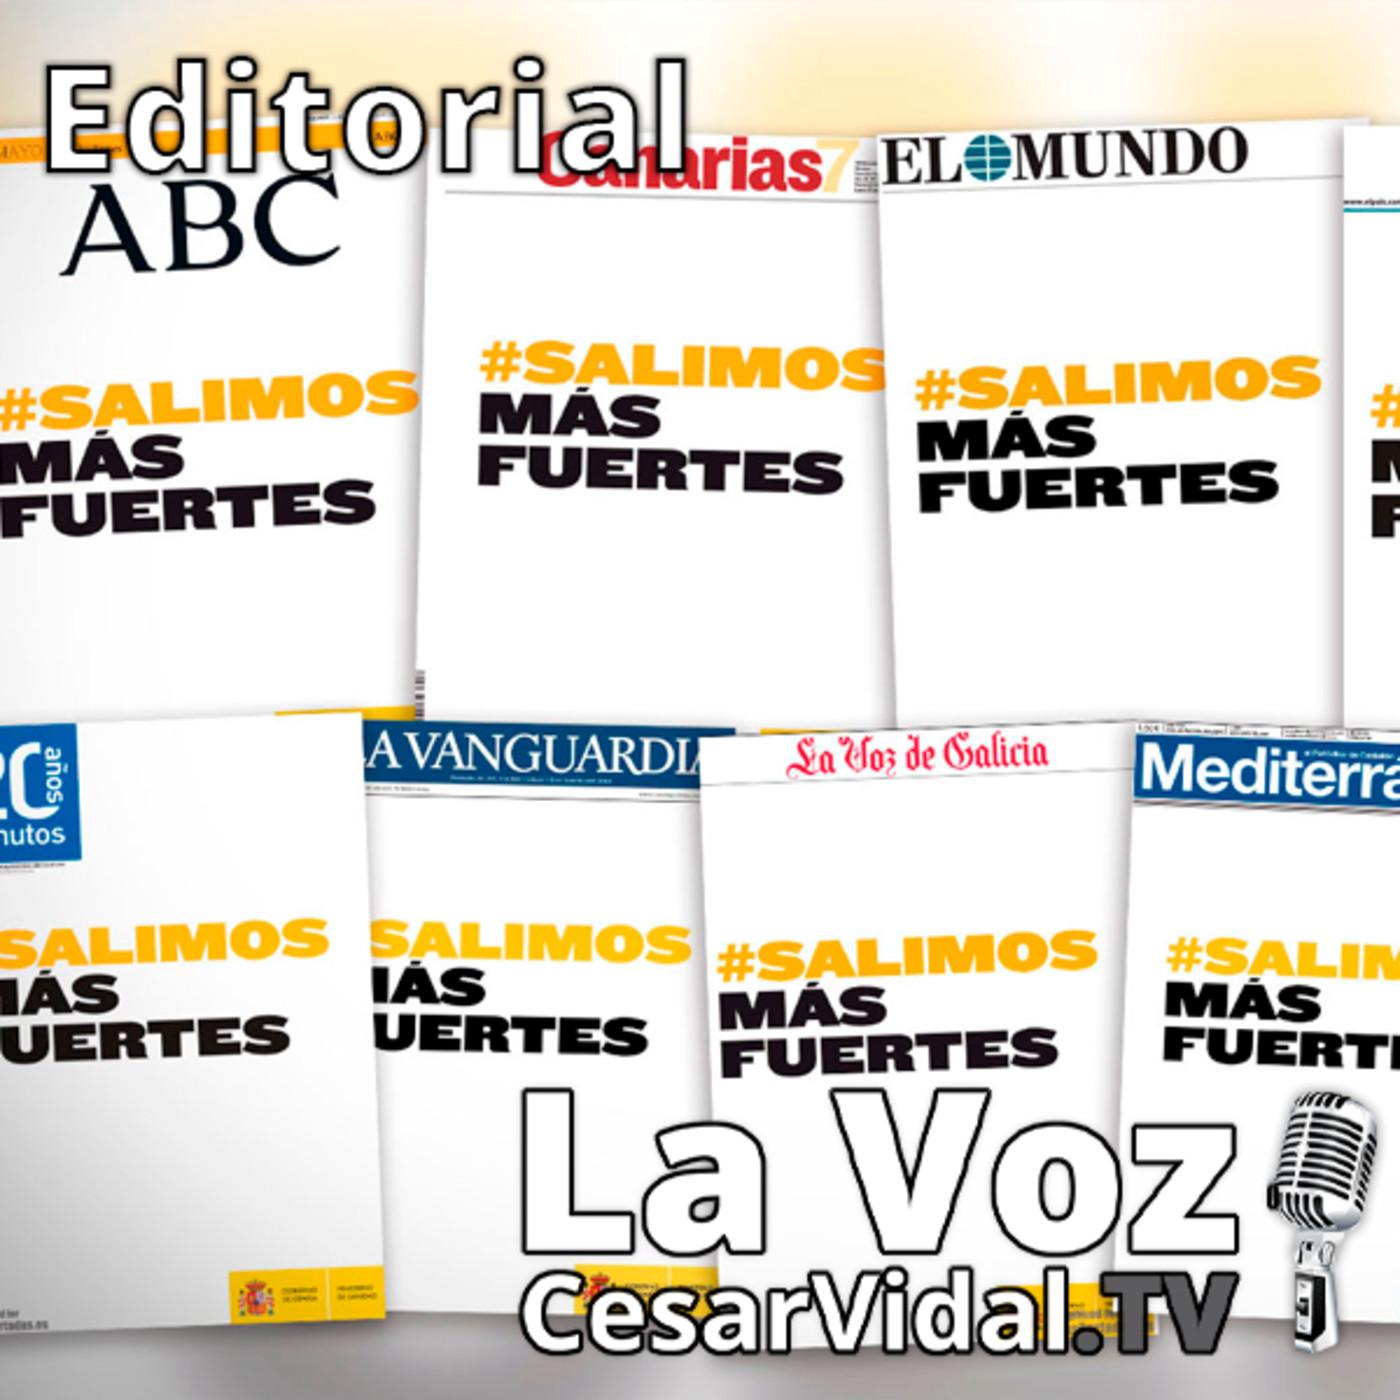 Editorial: La falta de integridad hunde a los medios españoles - 17/09/20